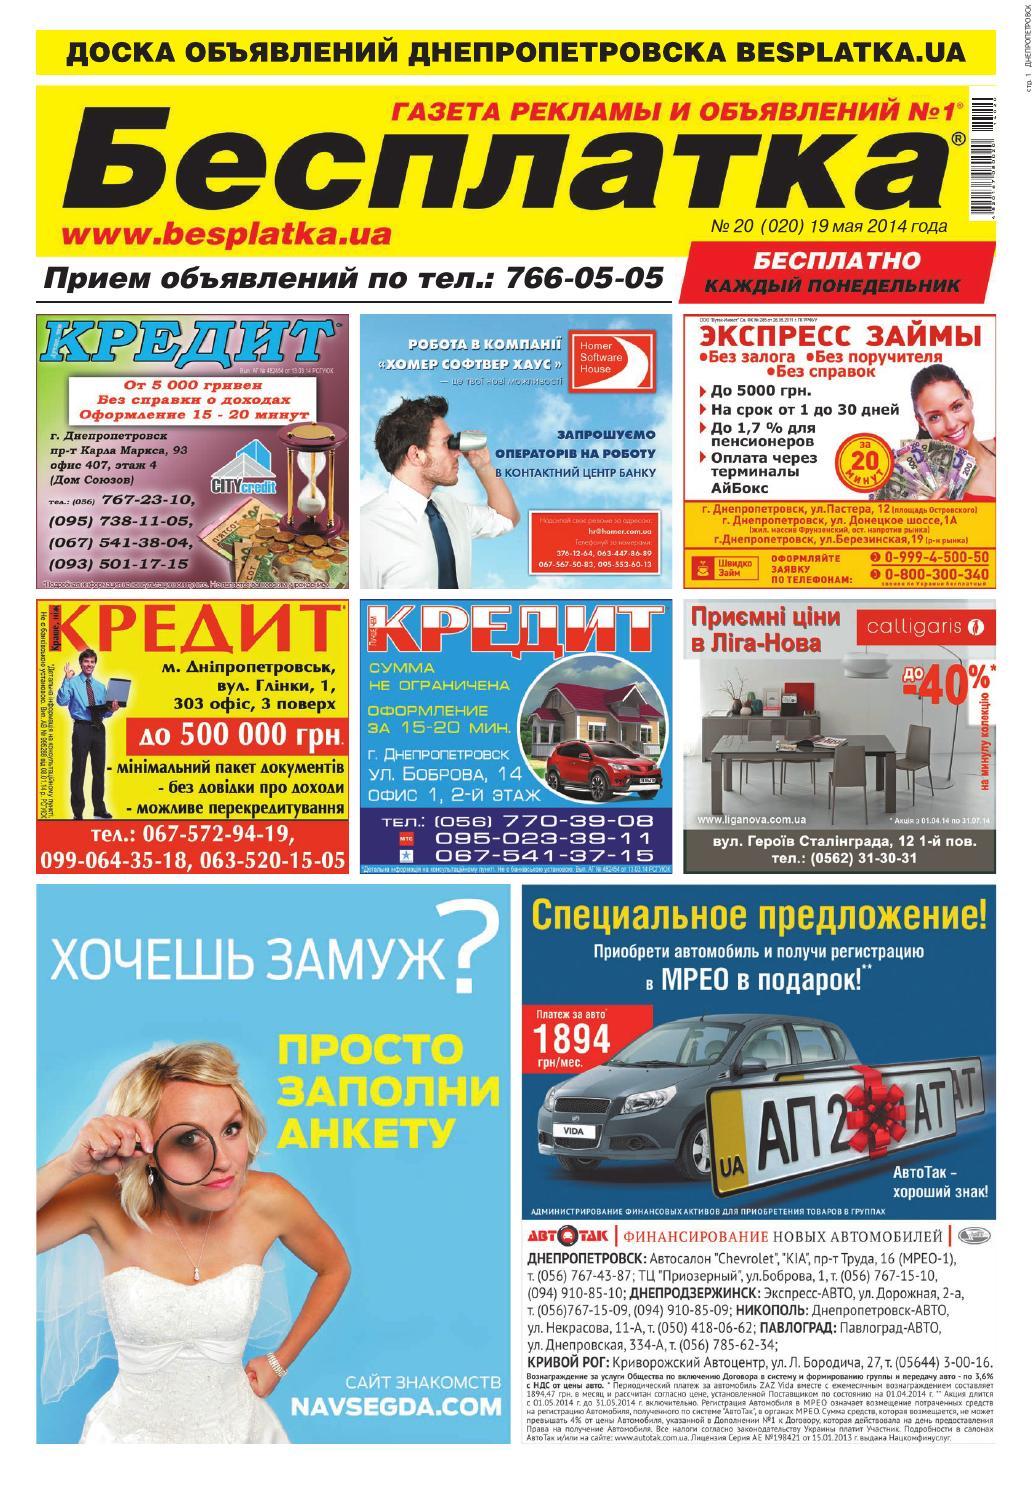 Газеты днепропетровска знакомства